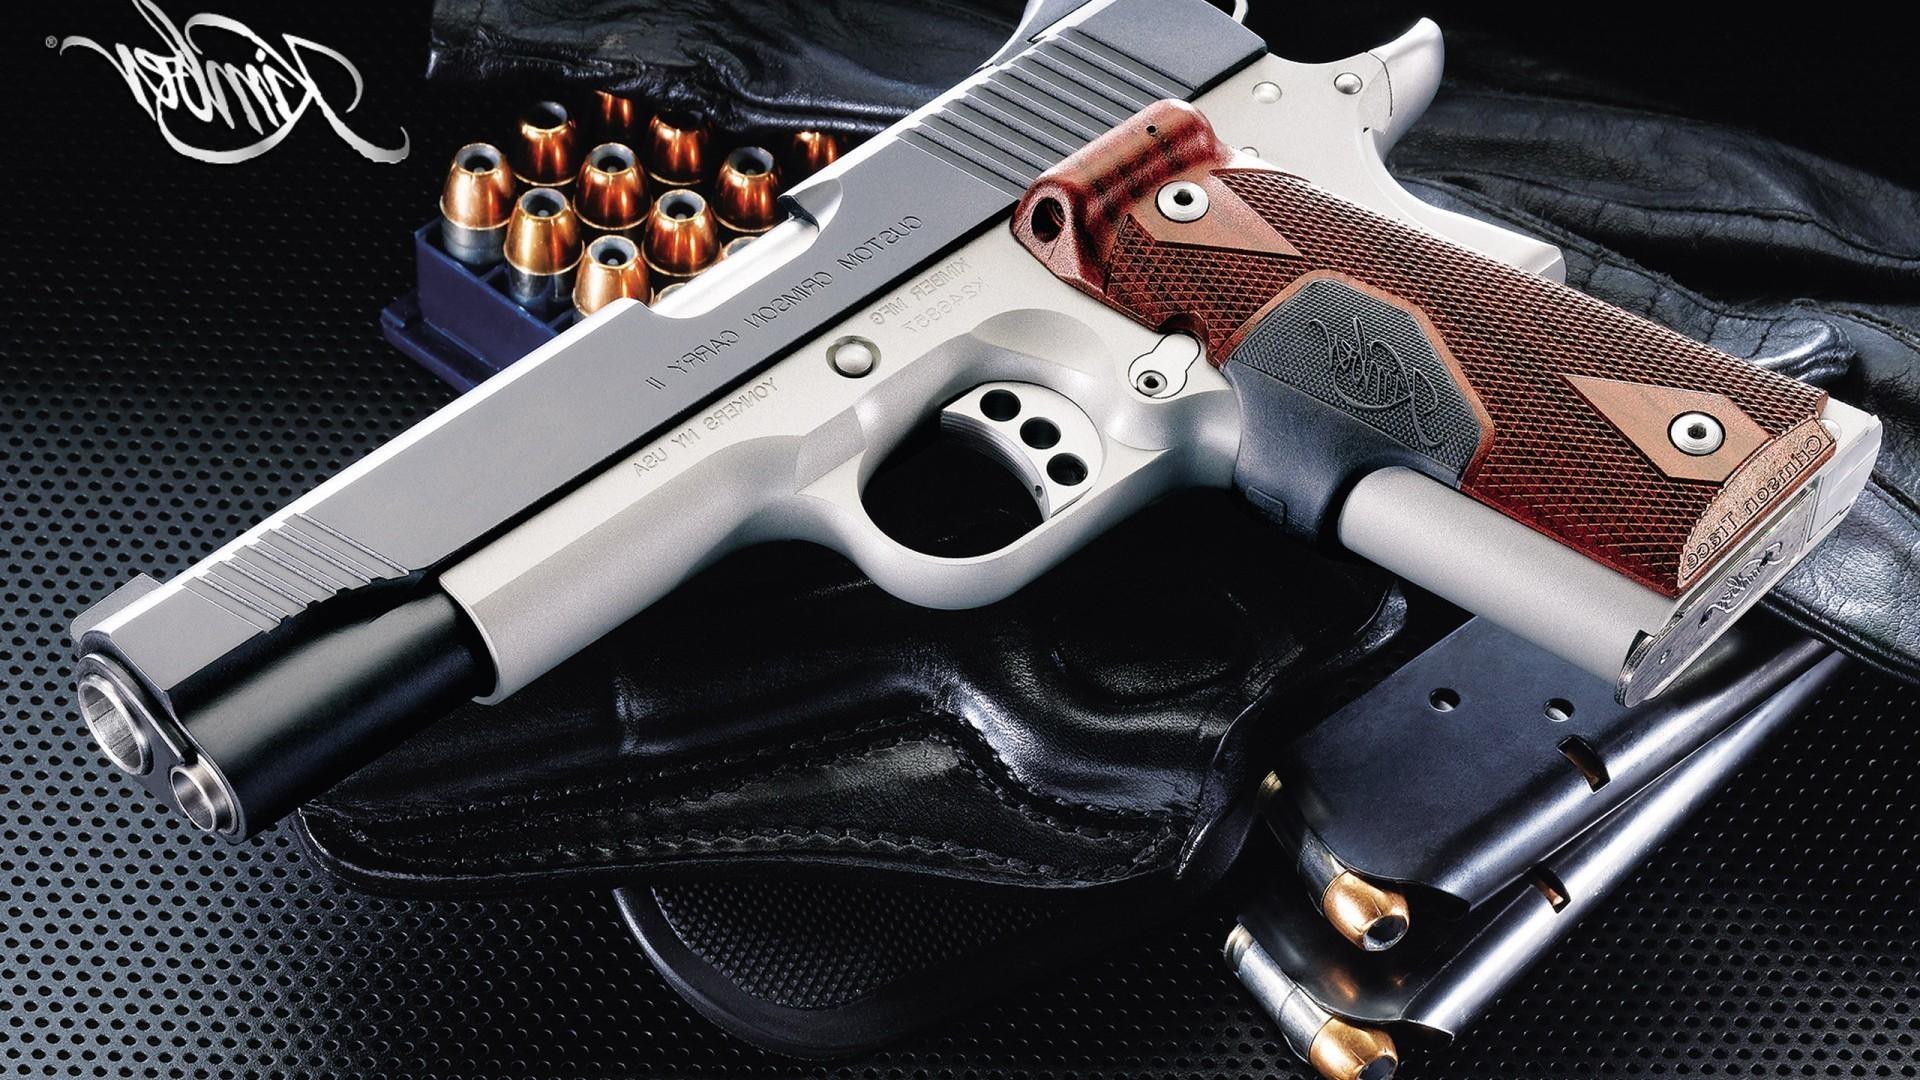 Автомат, нож и пистолет  № 3464982 загрузить